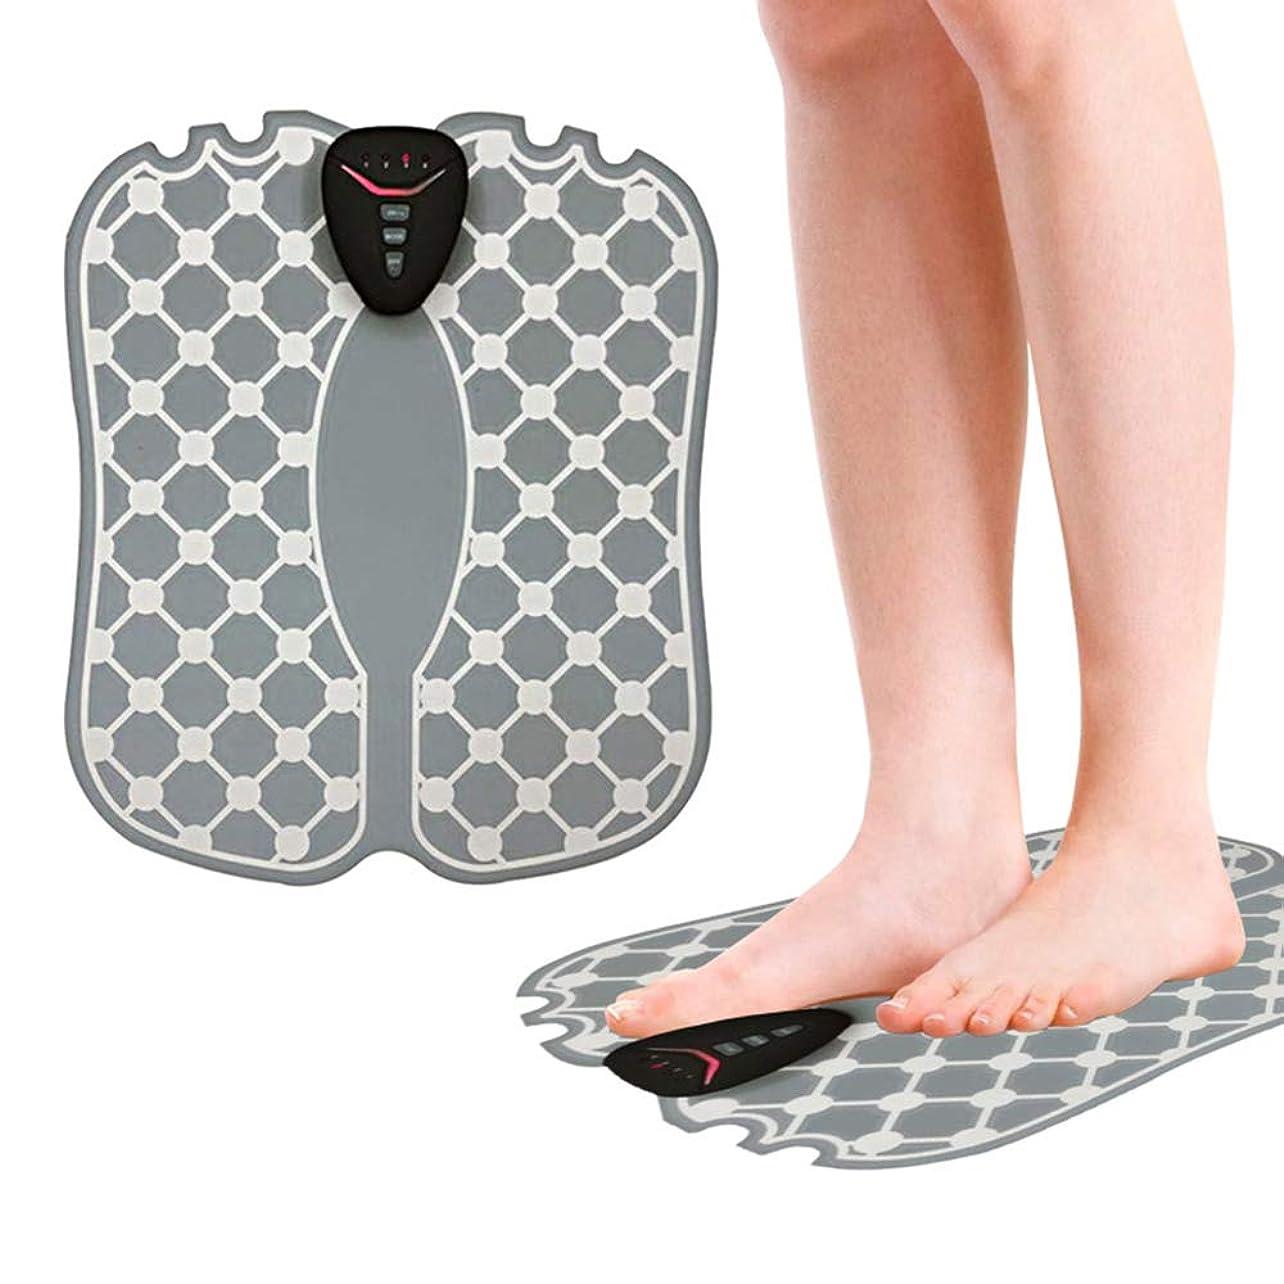 混乱させるドメイン腰携帯用電気フットマッサージャー - EMSフットマッサージクッション筋肉刺激装置折りたたみ式インテリジェント理学療法マッサージで血行を改善し疲労を軽減